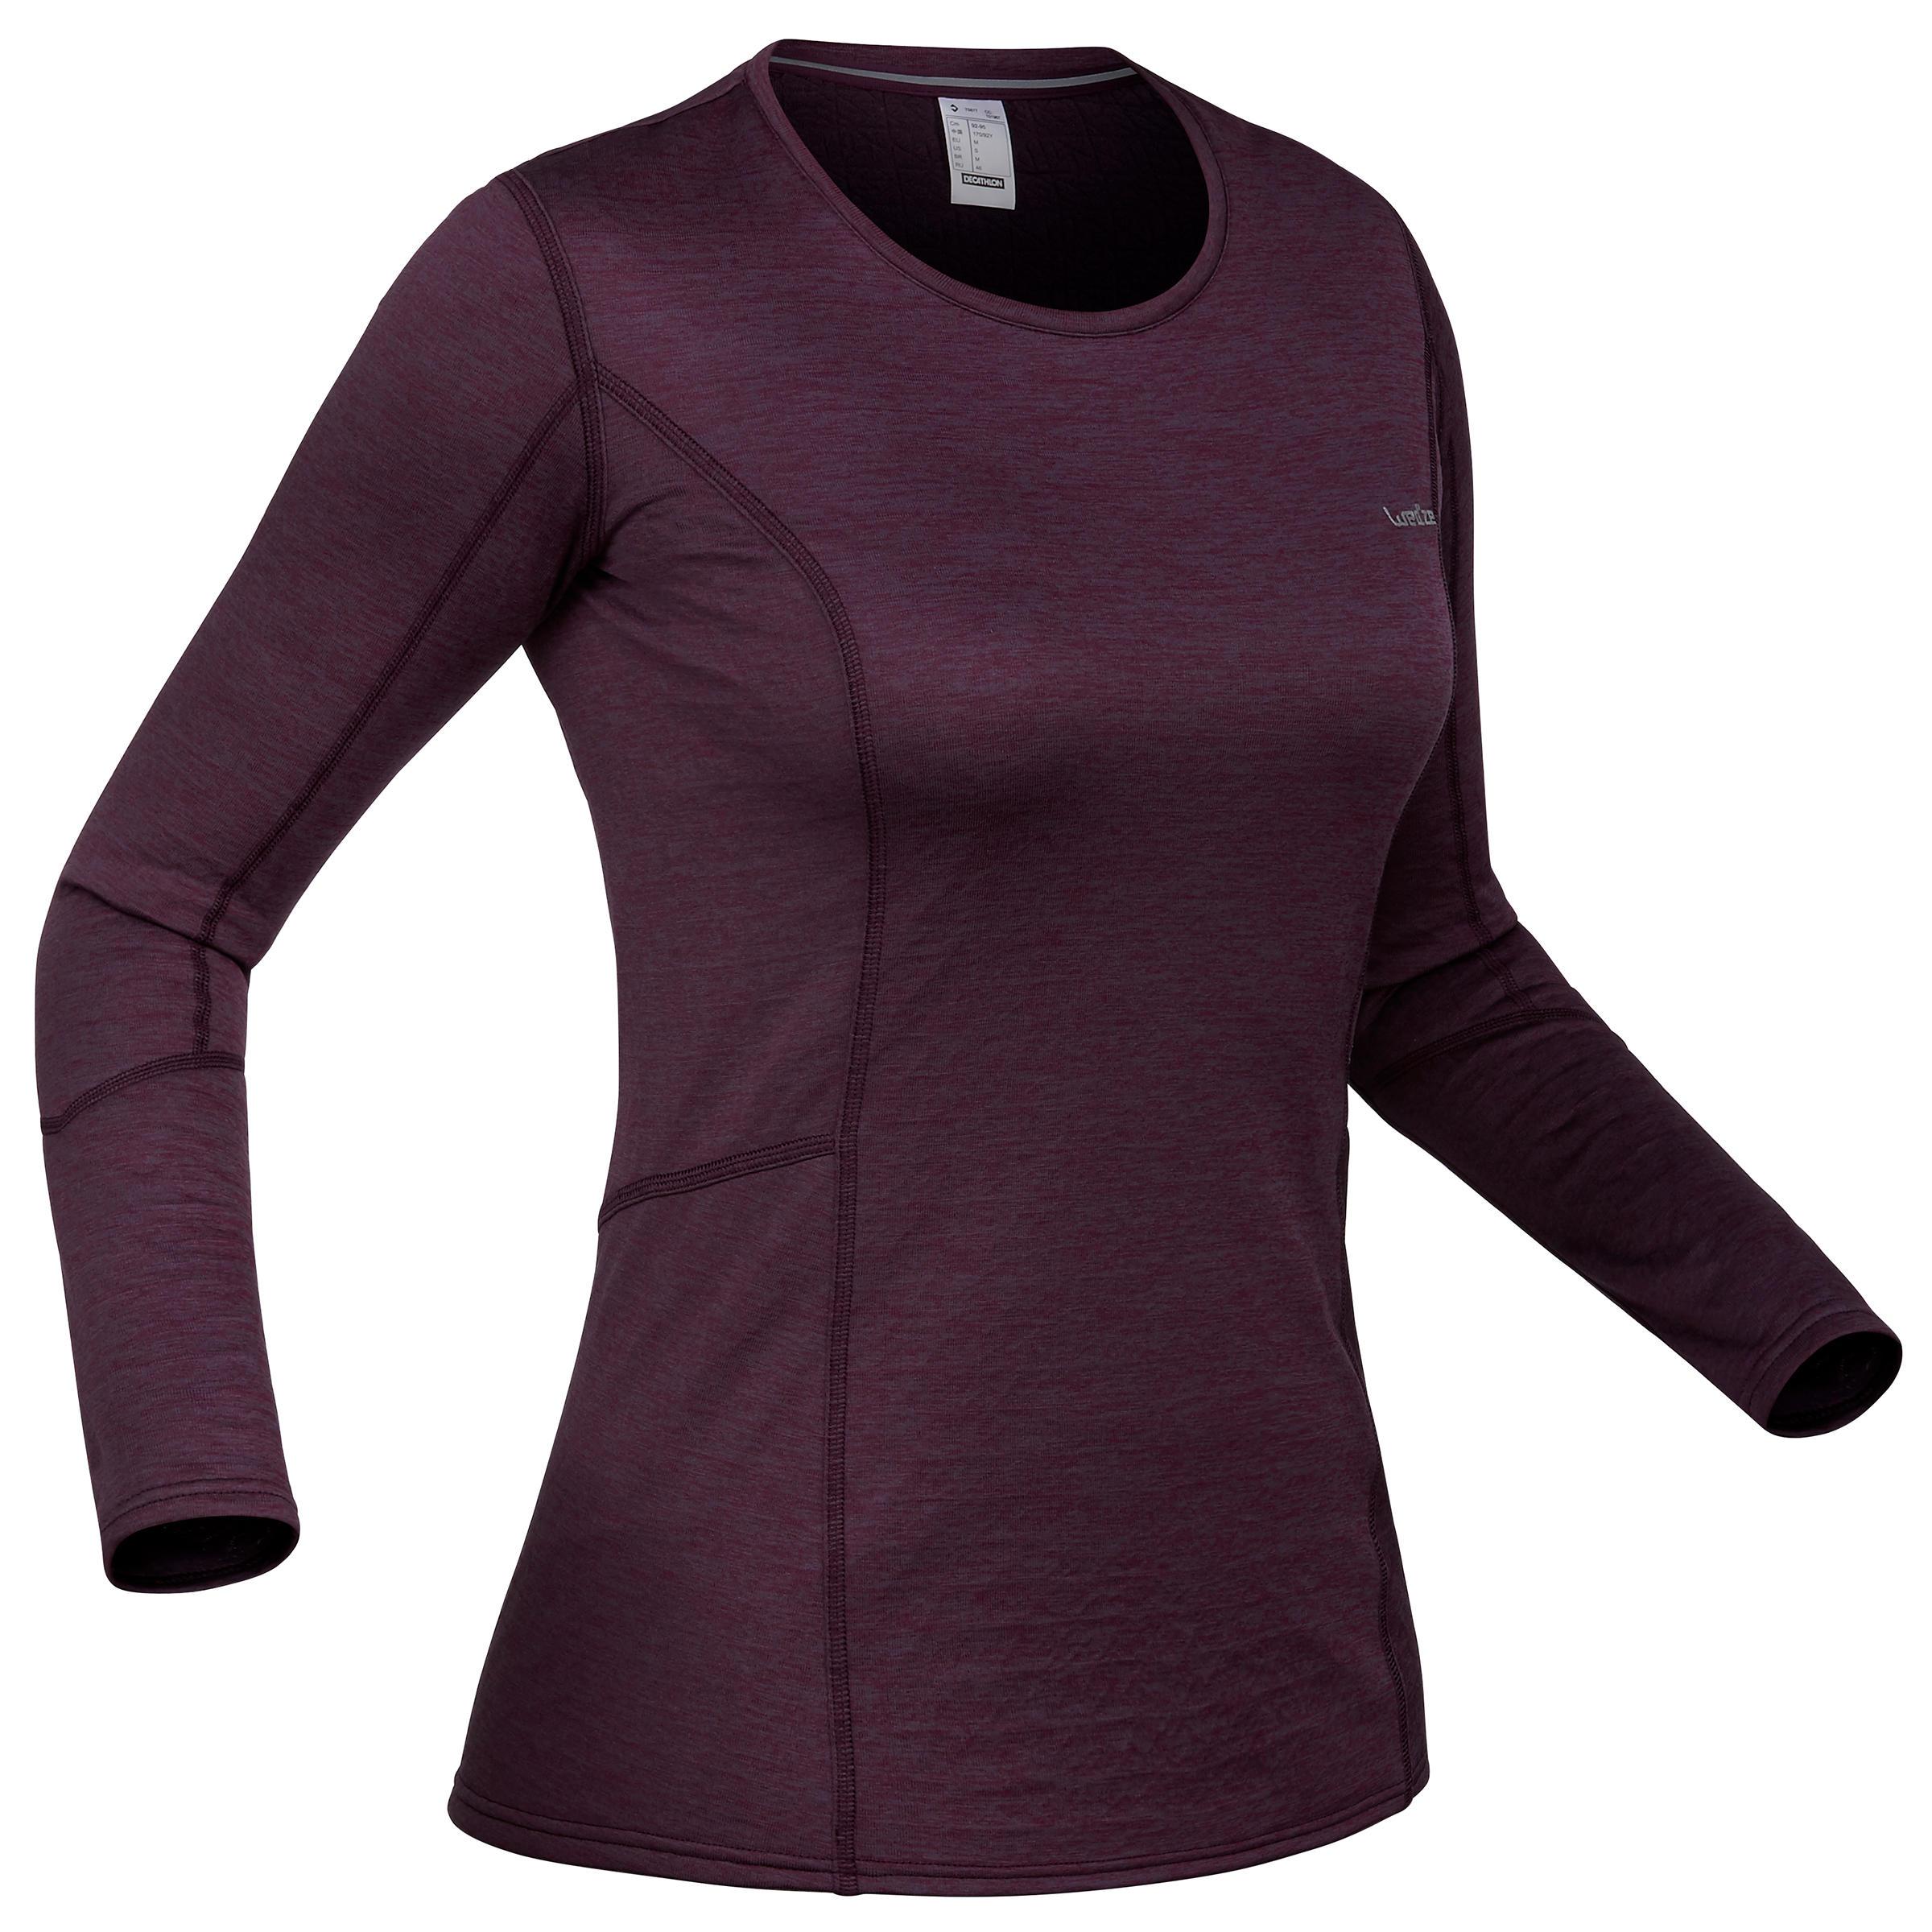 Skiunterhemd Funktionsshirt 500 Damen violett | Sportbekleidung > Funktionswäsche > Thermounterwäsche | Violett | Polyester | Wed´ze